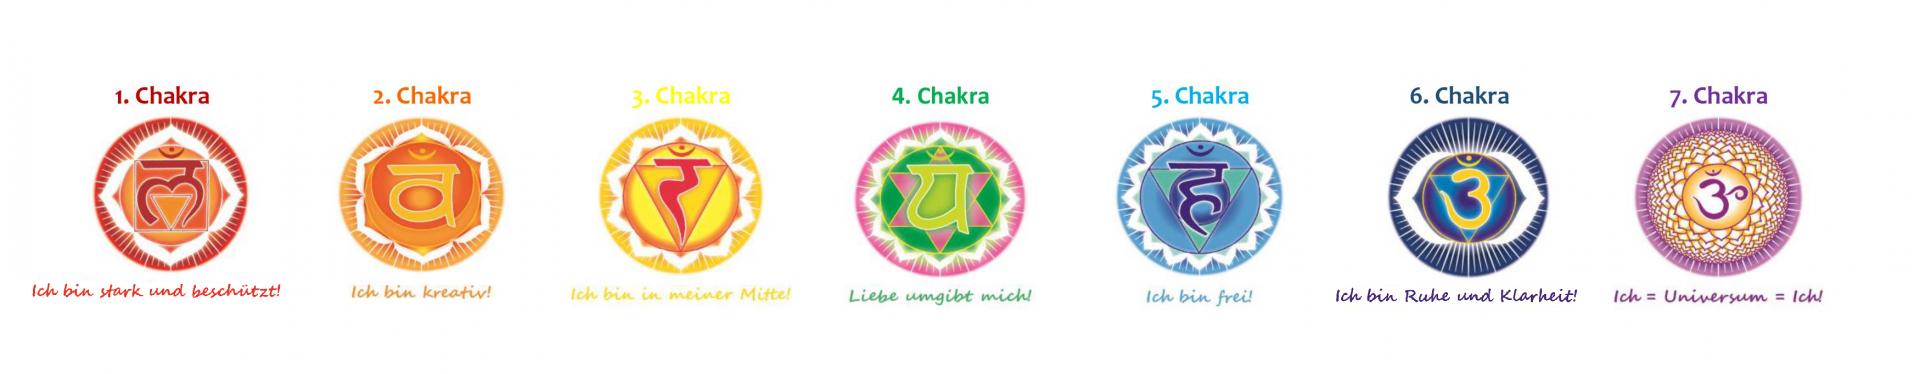 Chakra Bedeutung und Chakra Übersicht